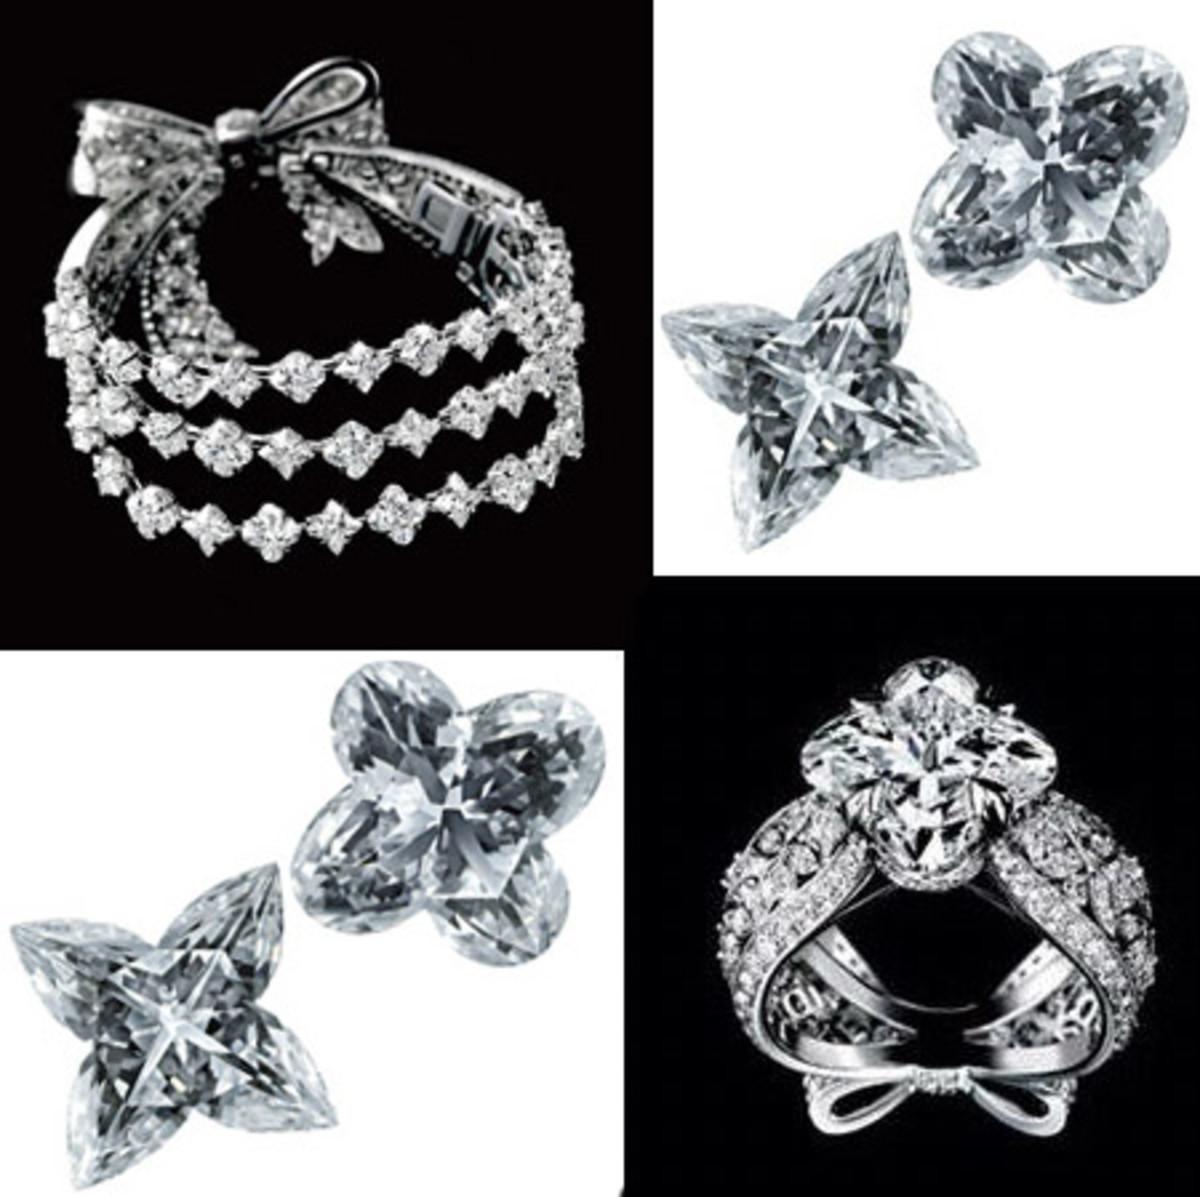 Exquisite flower monogram diamonds by Louis Vuitton - Les Ardentes Collection